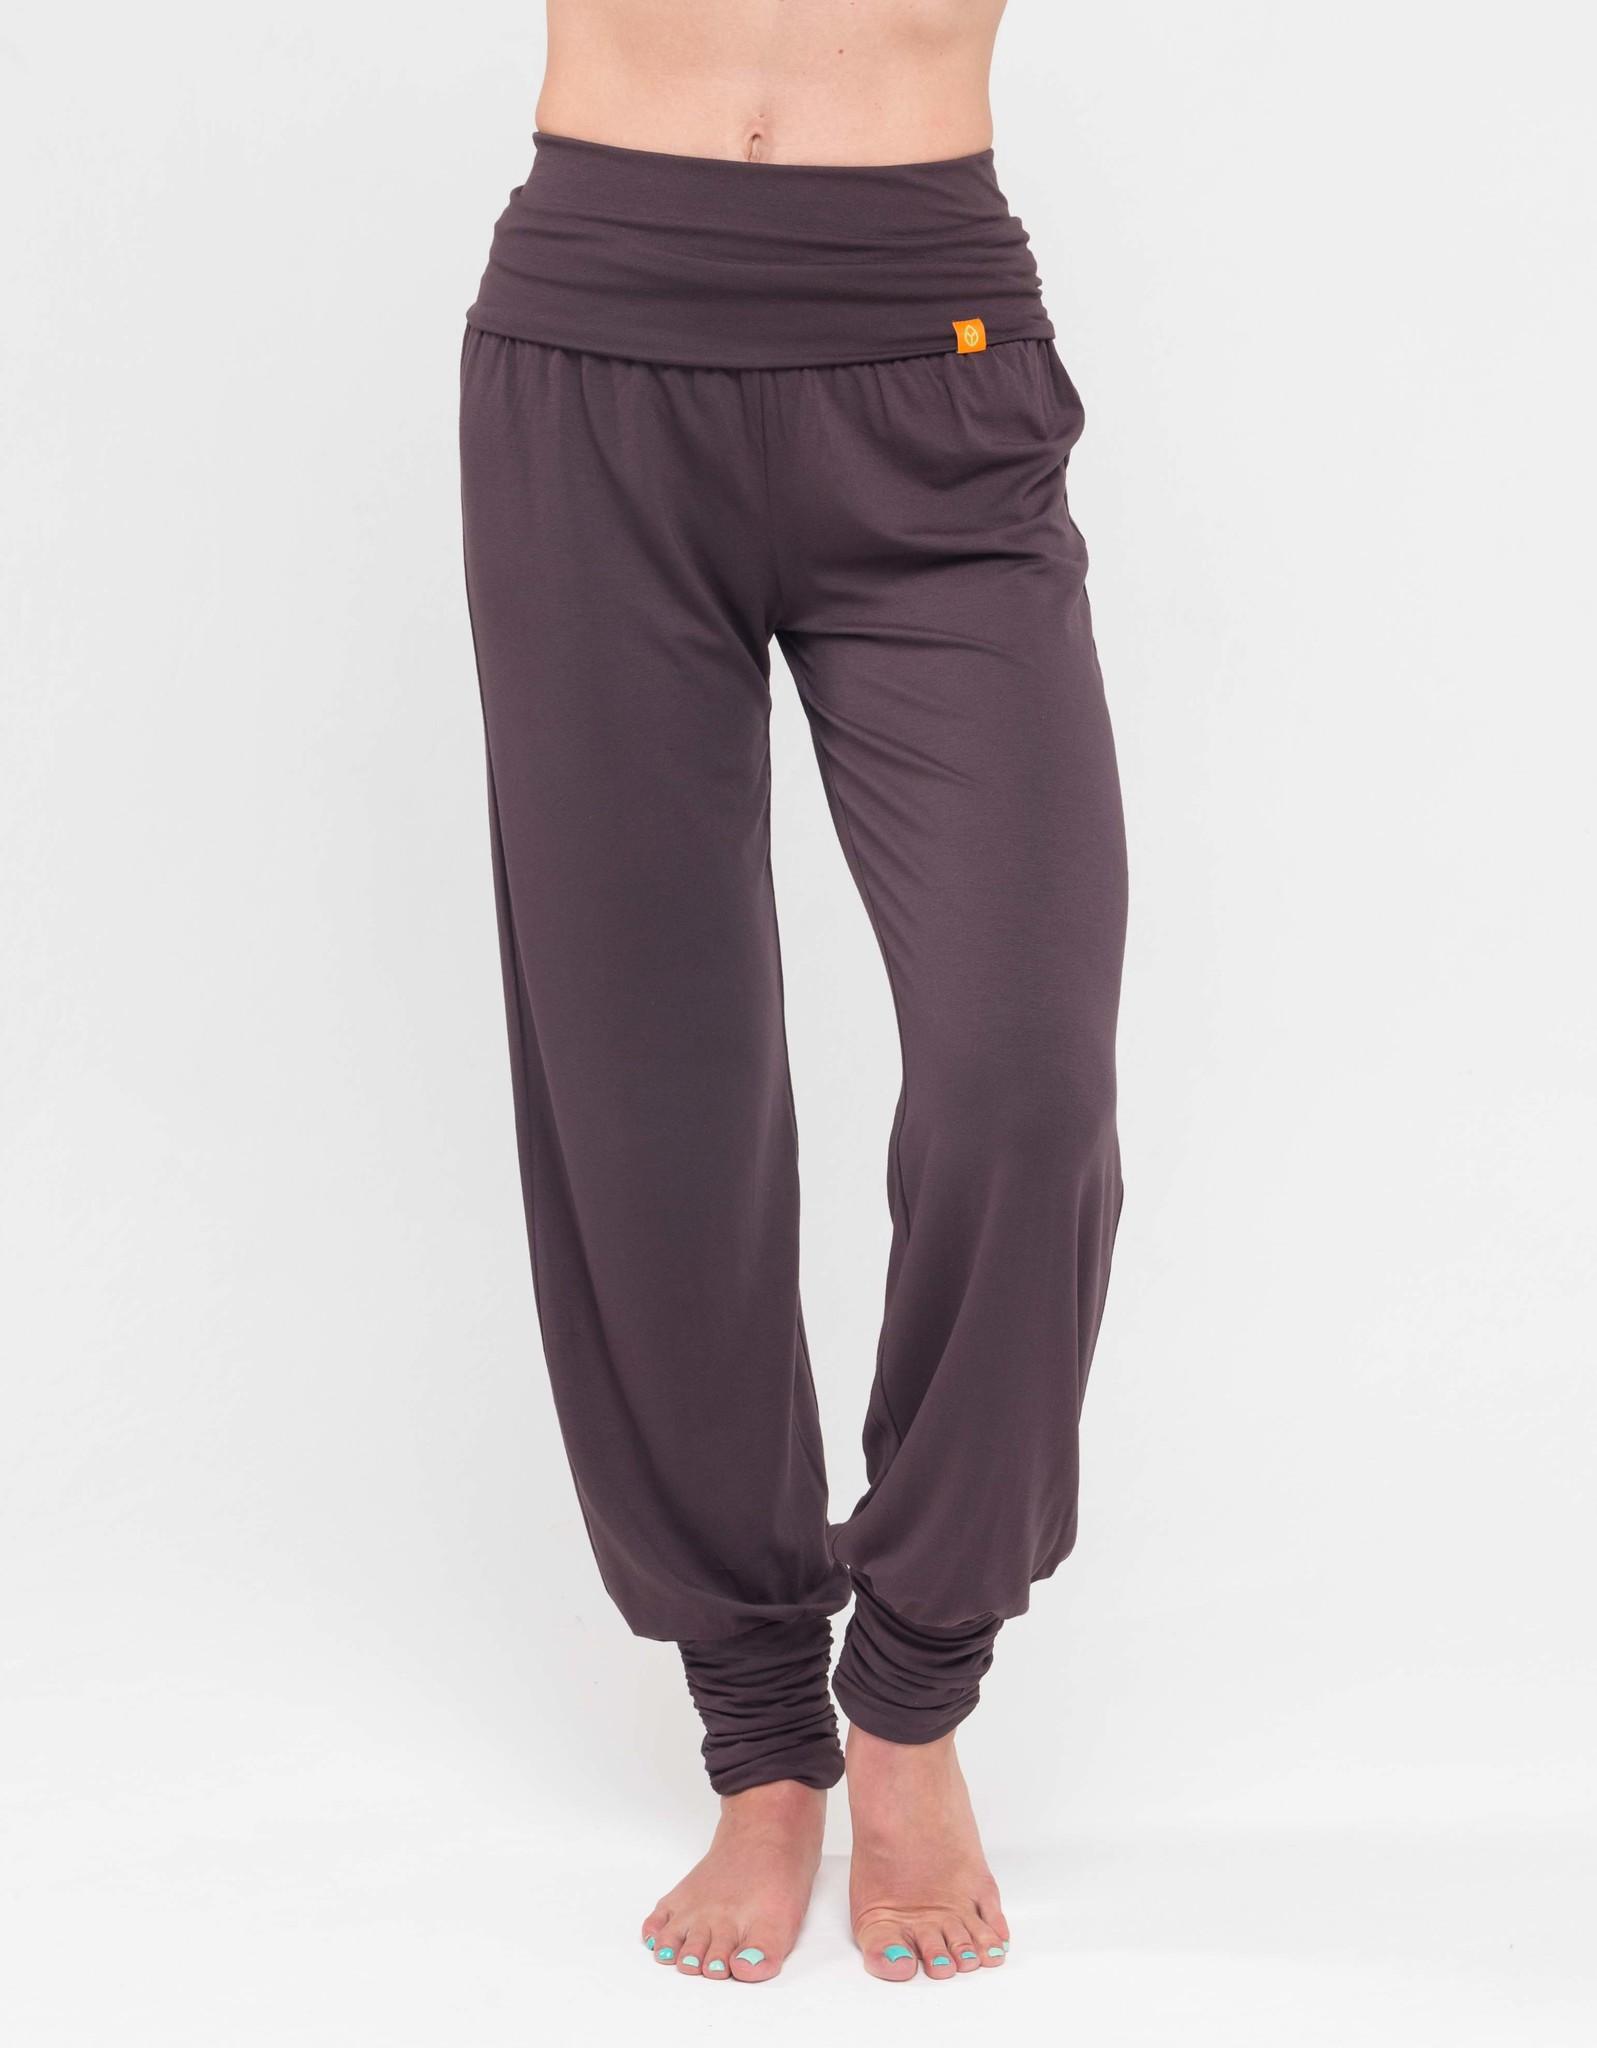 Штаны- гаремы длинные YogaDress (0,3 кг, S (42-44), какао/мокко) цена